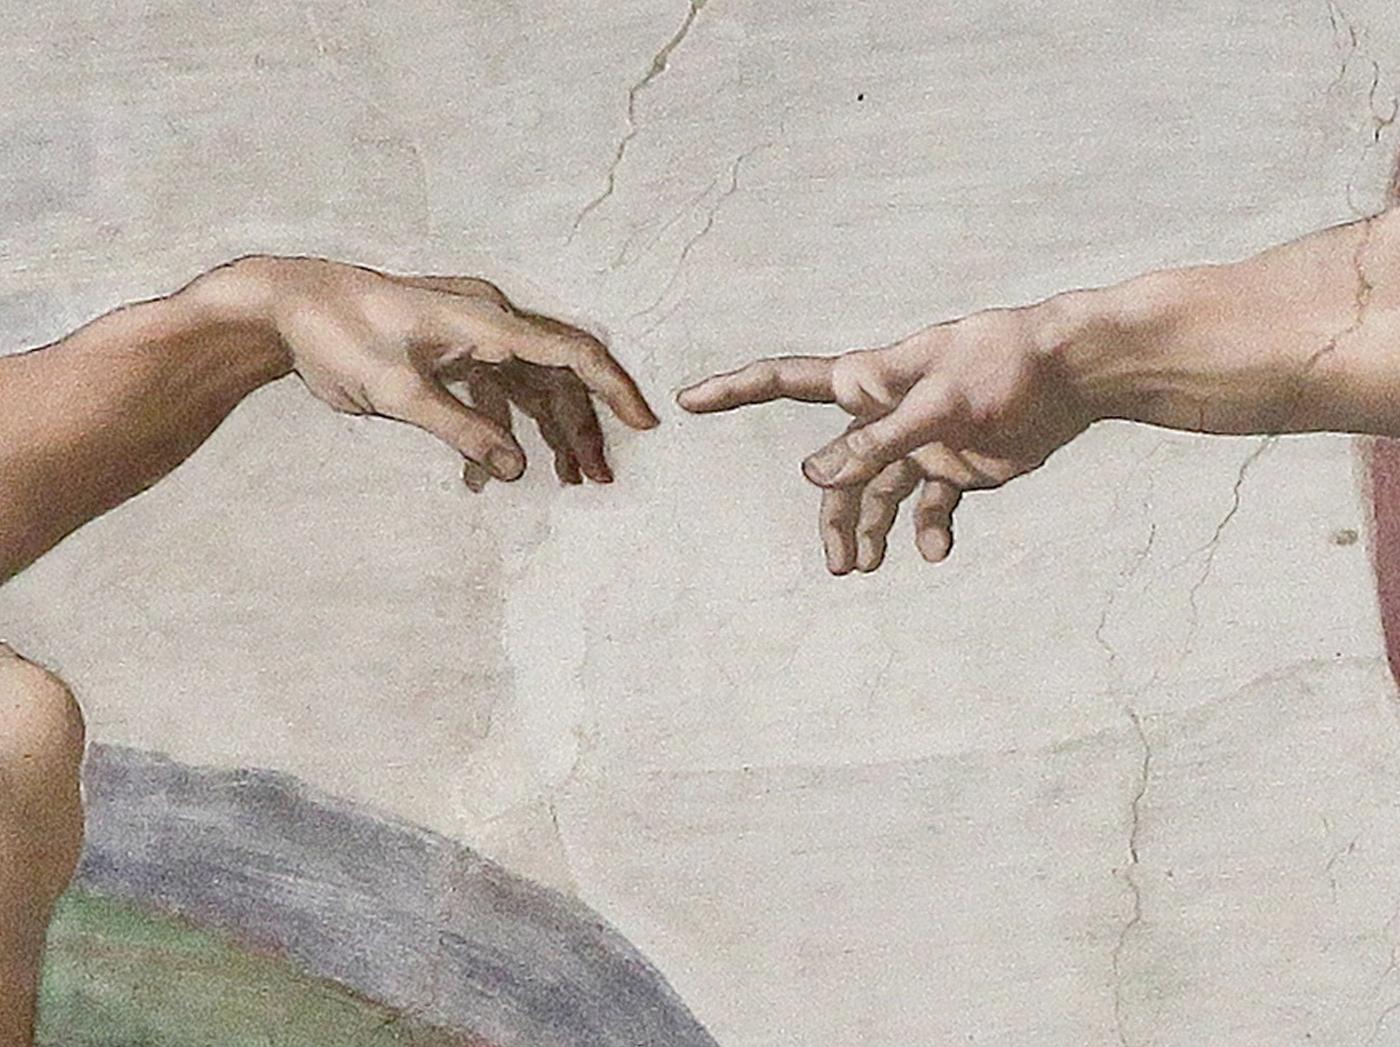 Creation_of_Adam_(Michelangelo)_Detail.jpg